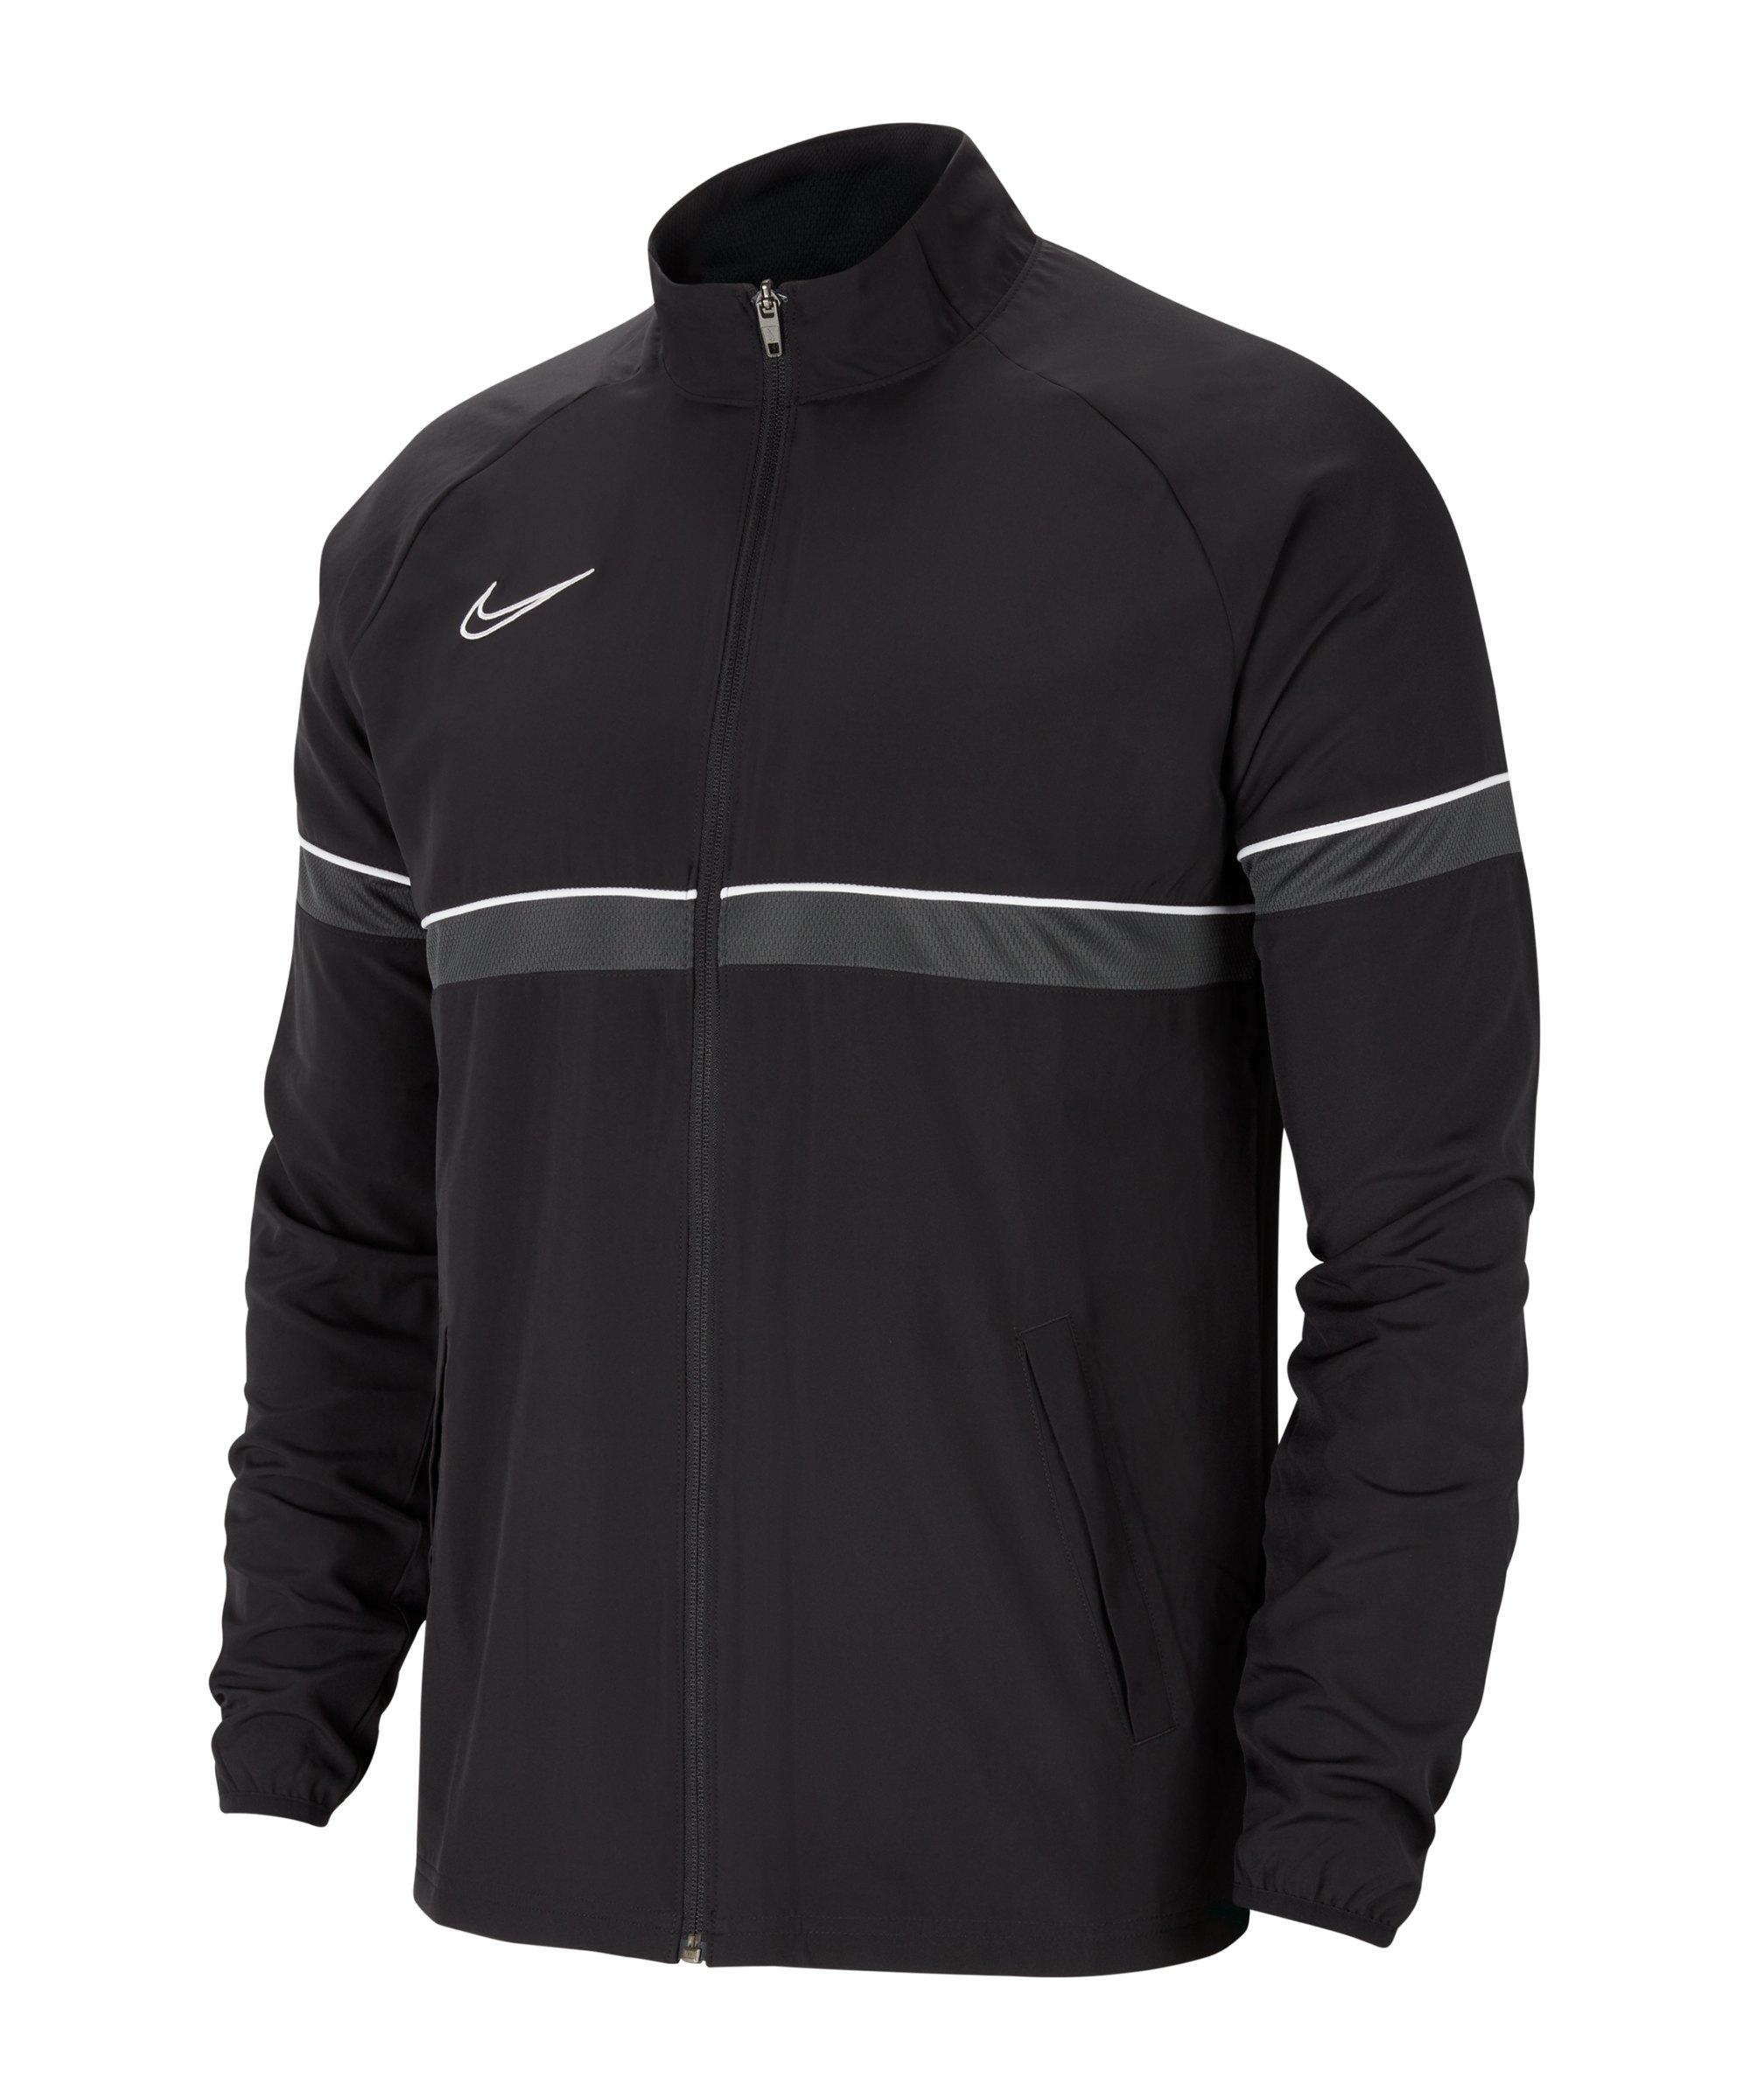 Nike Academy 21 Woven Trainingsjacke Schwarz F014 - schwarz